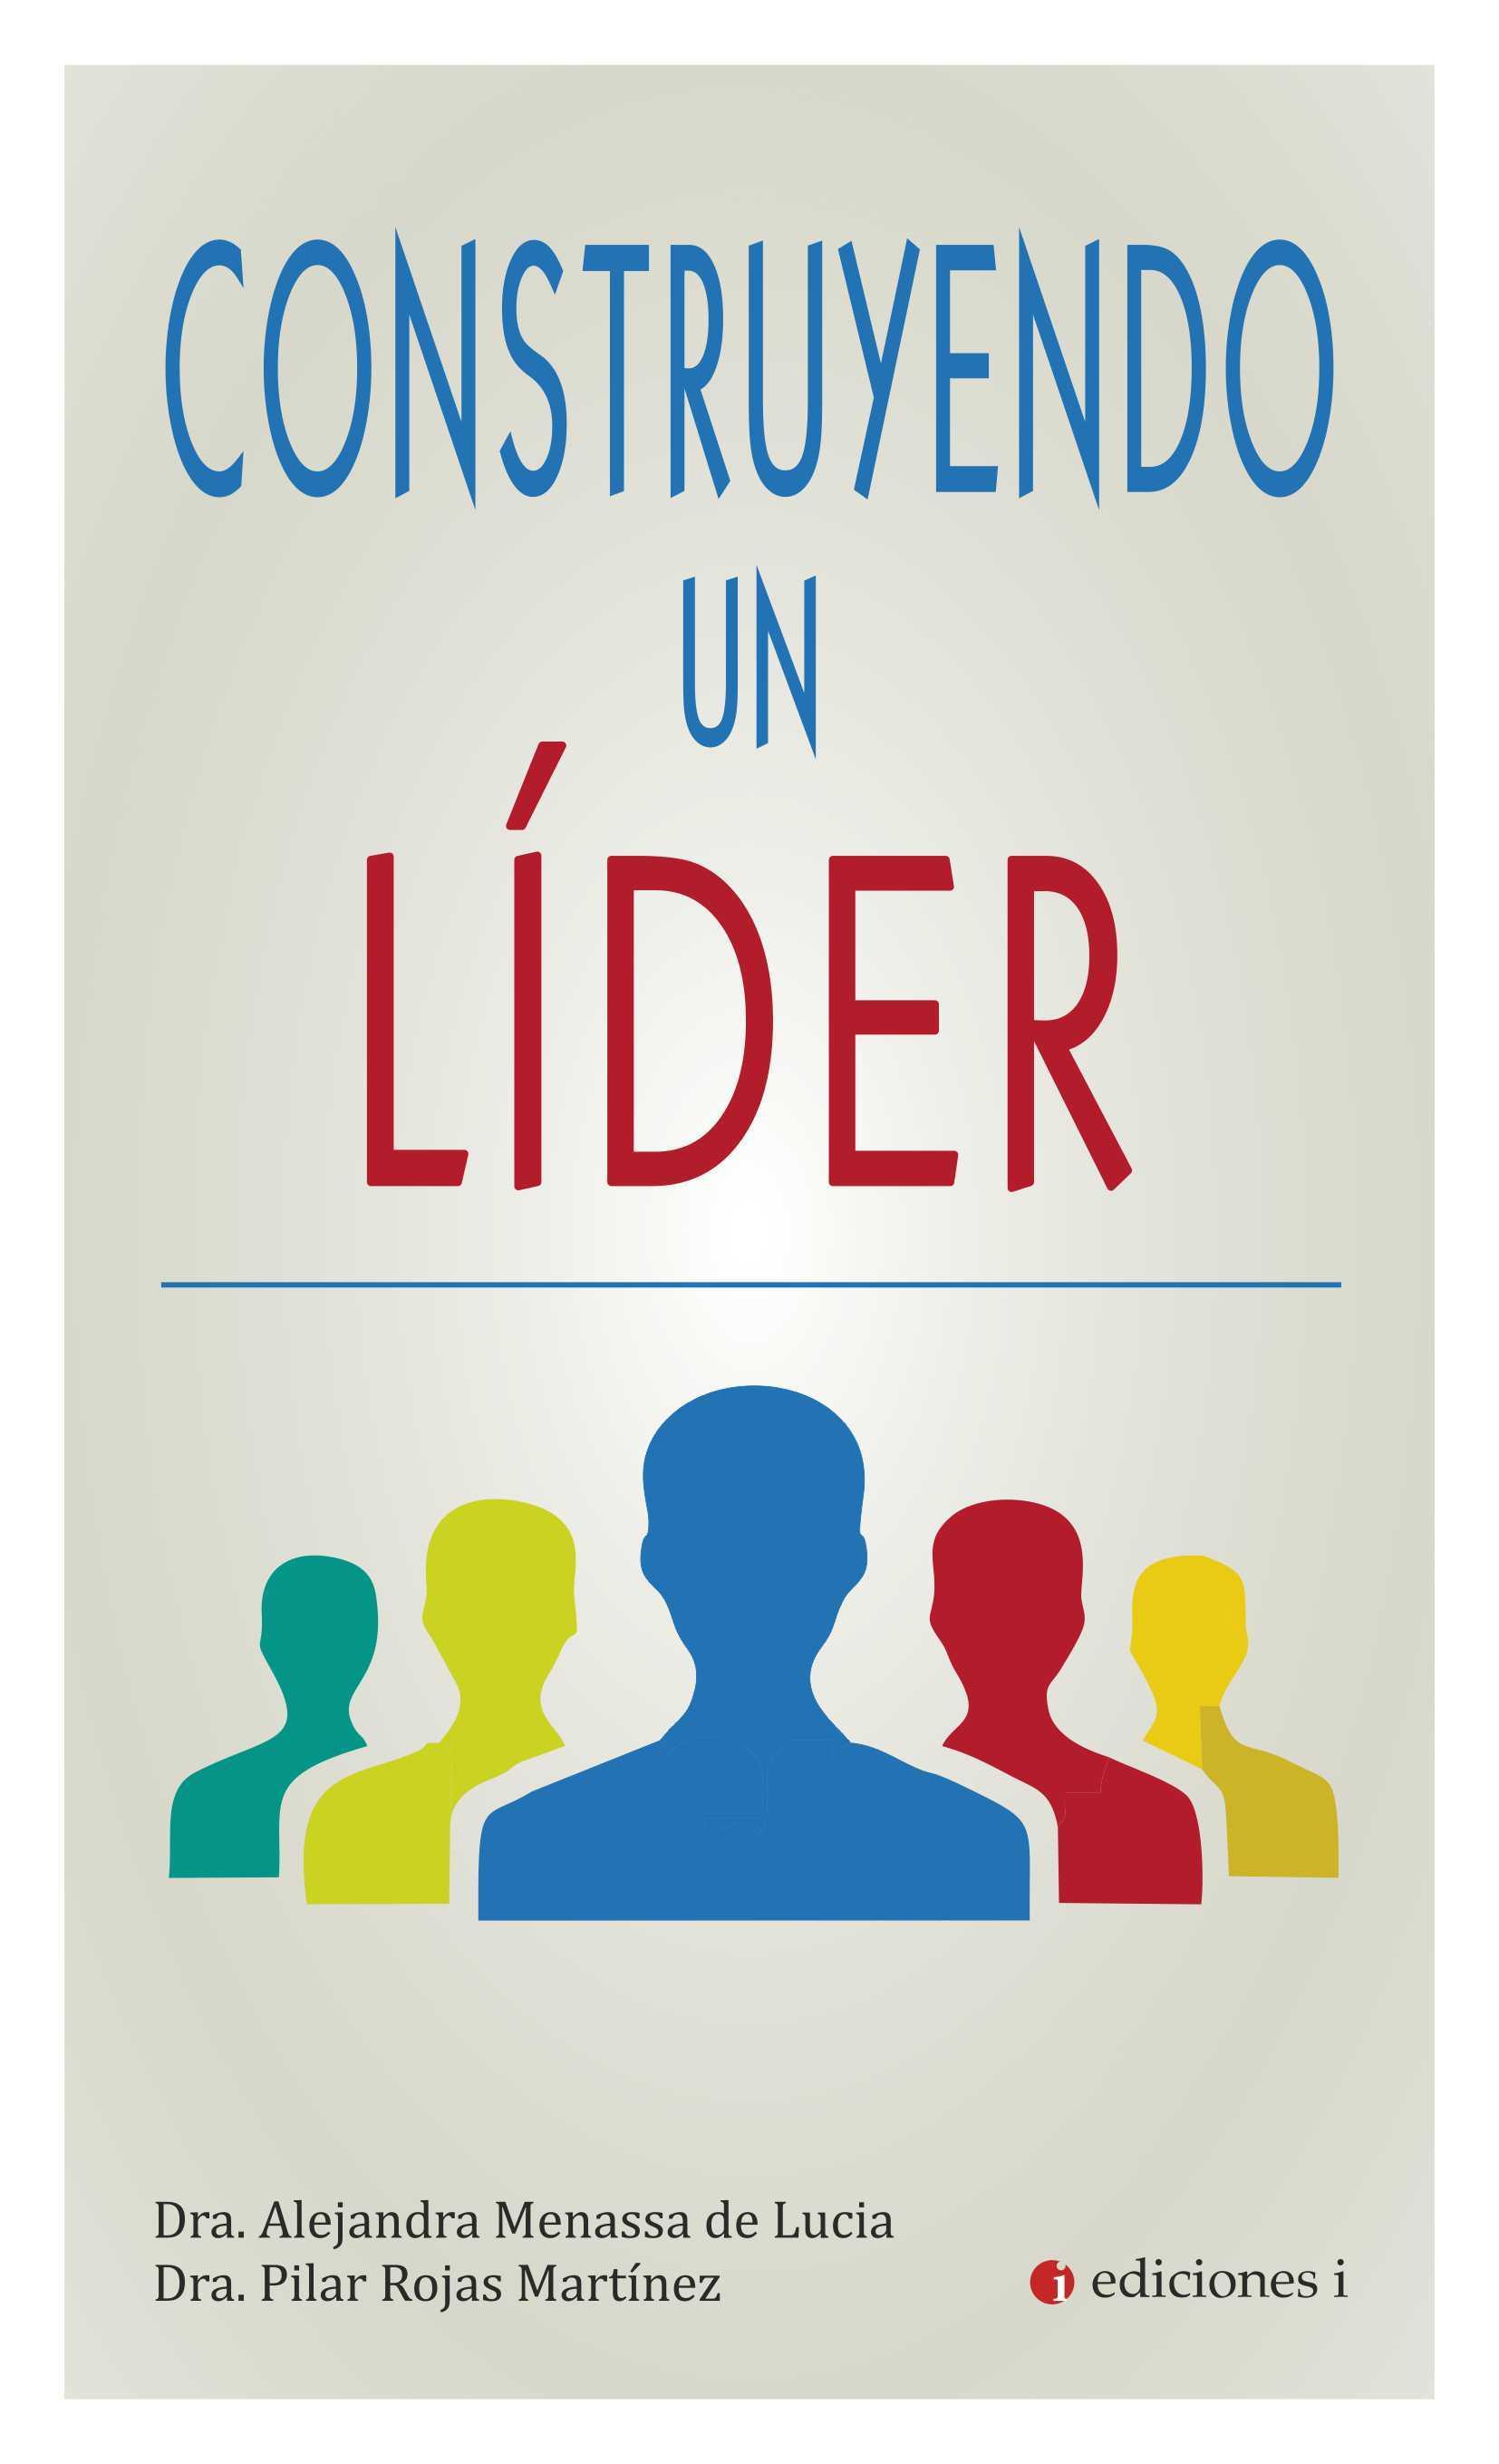 Construyendo un líder, de Dra. Alejandra Menassa de Lucia y Dra....